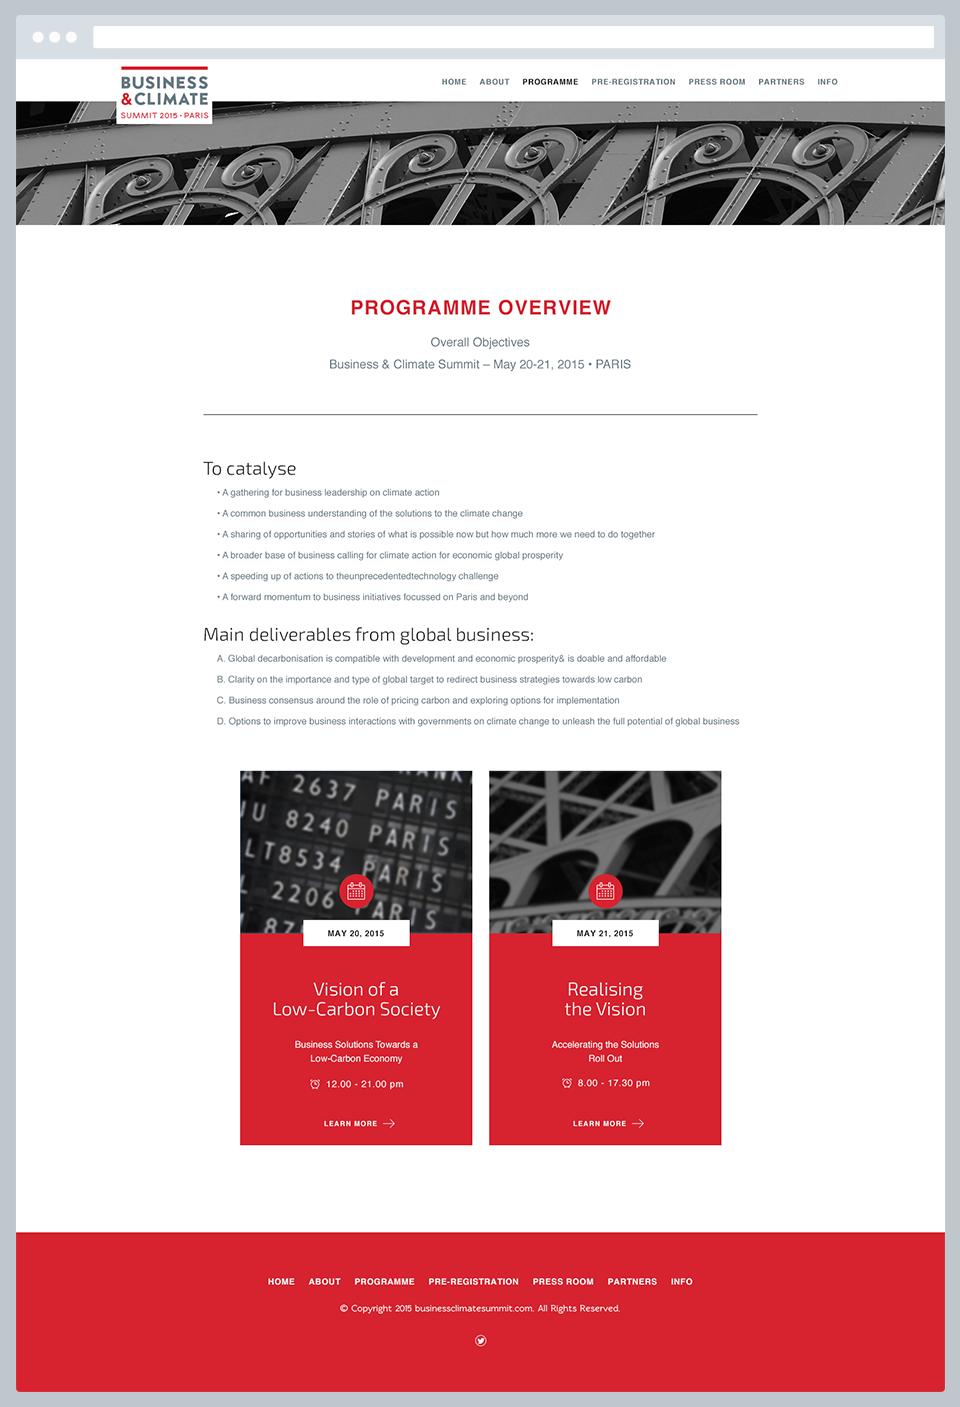 JR_BCS_WebsiteMockup_Programme.png